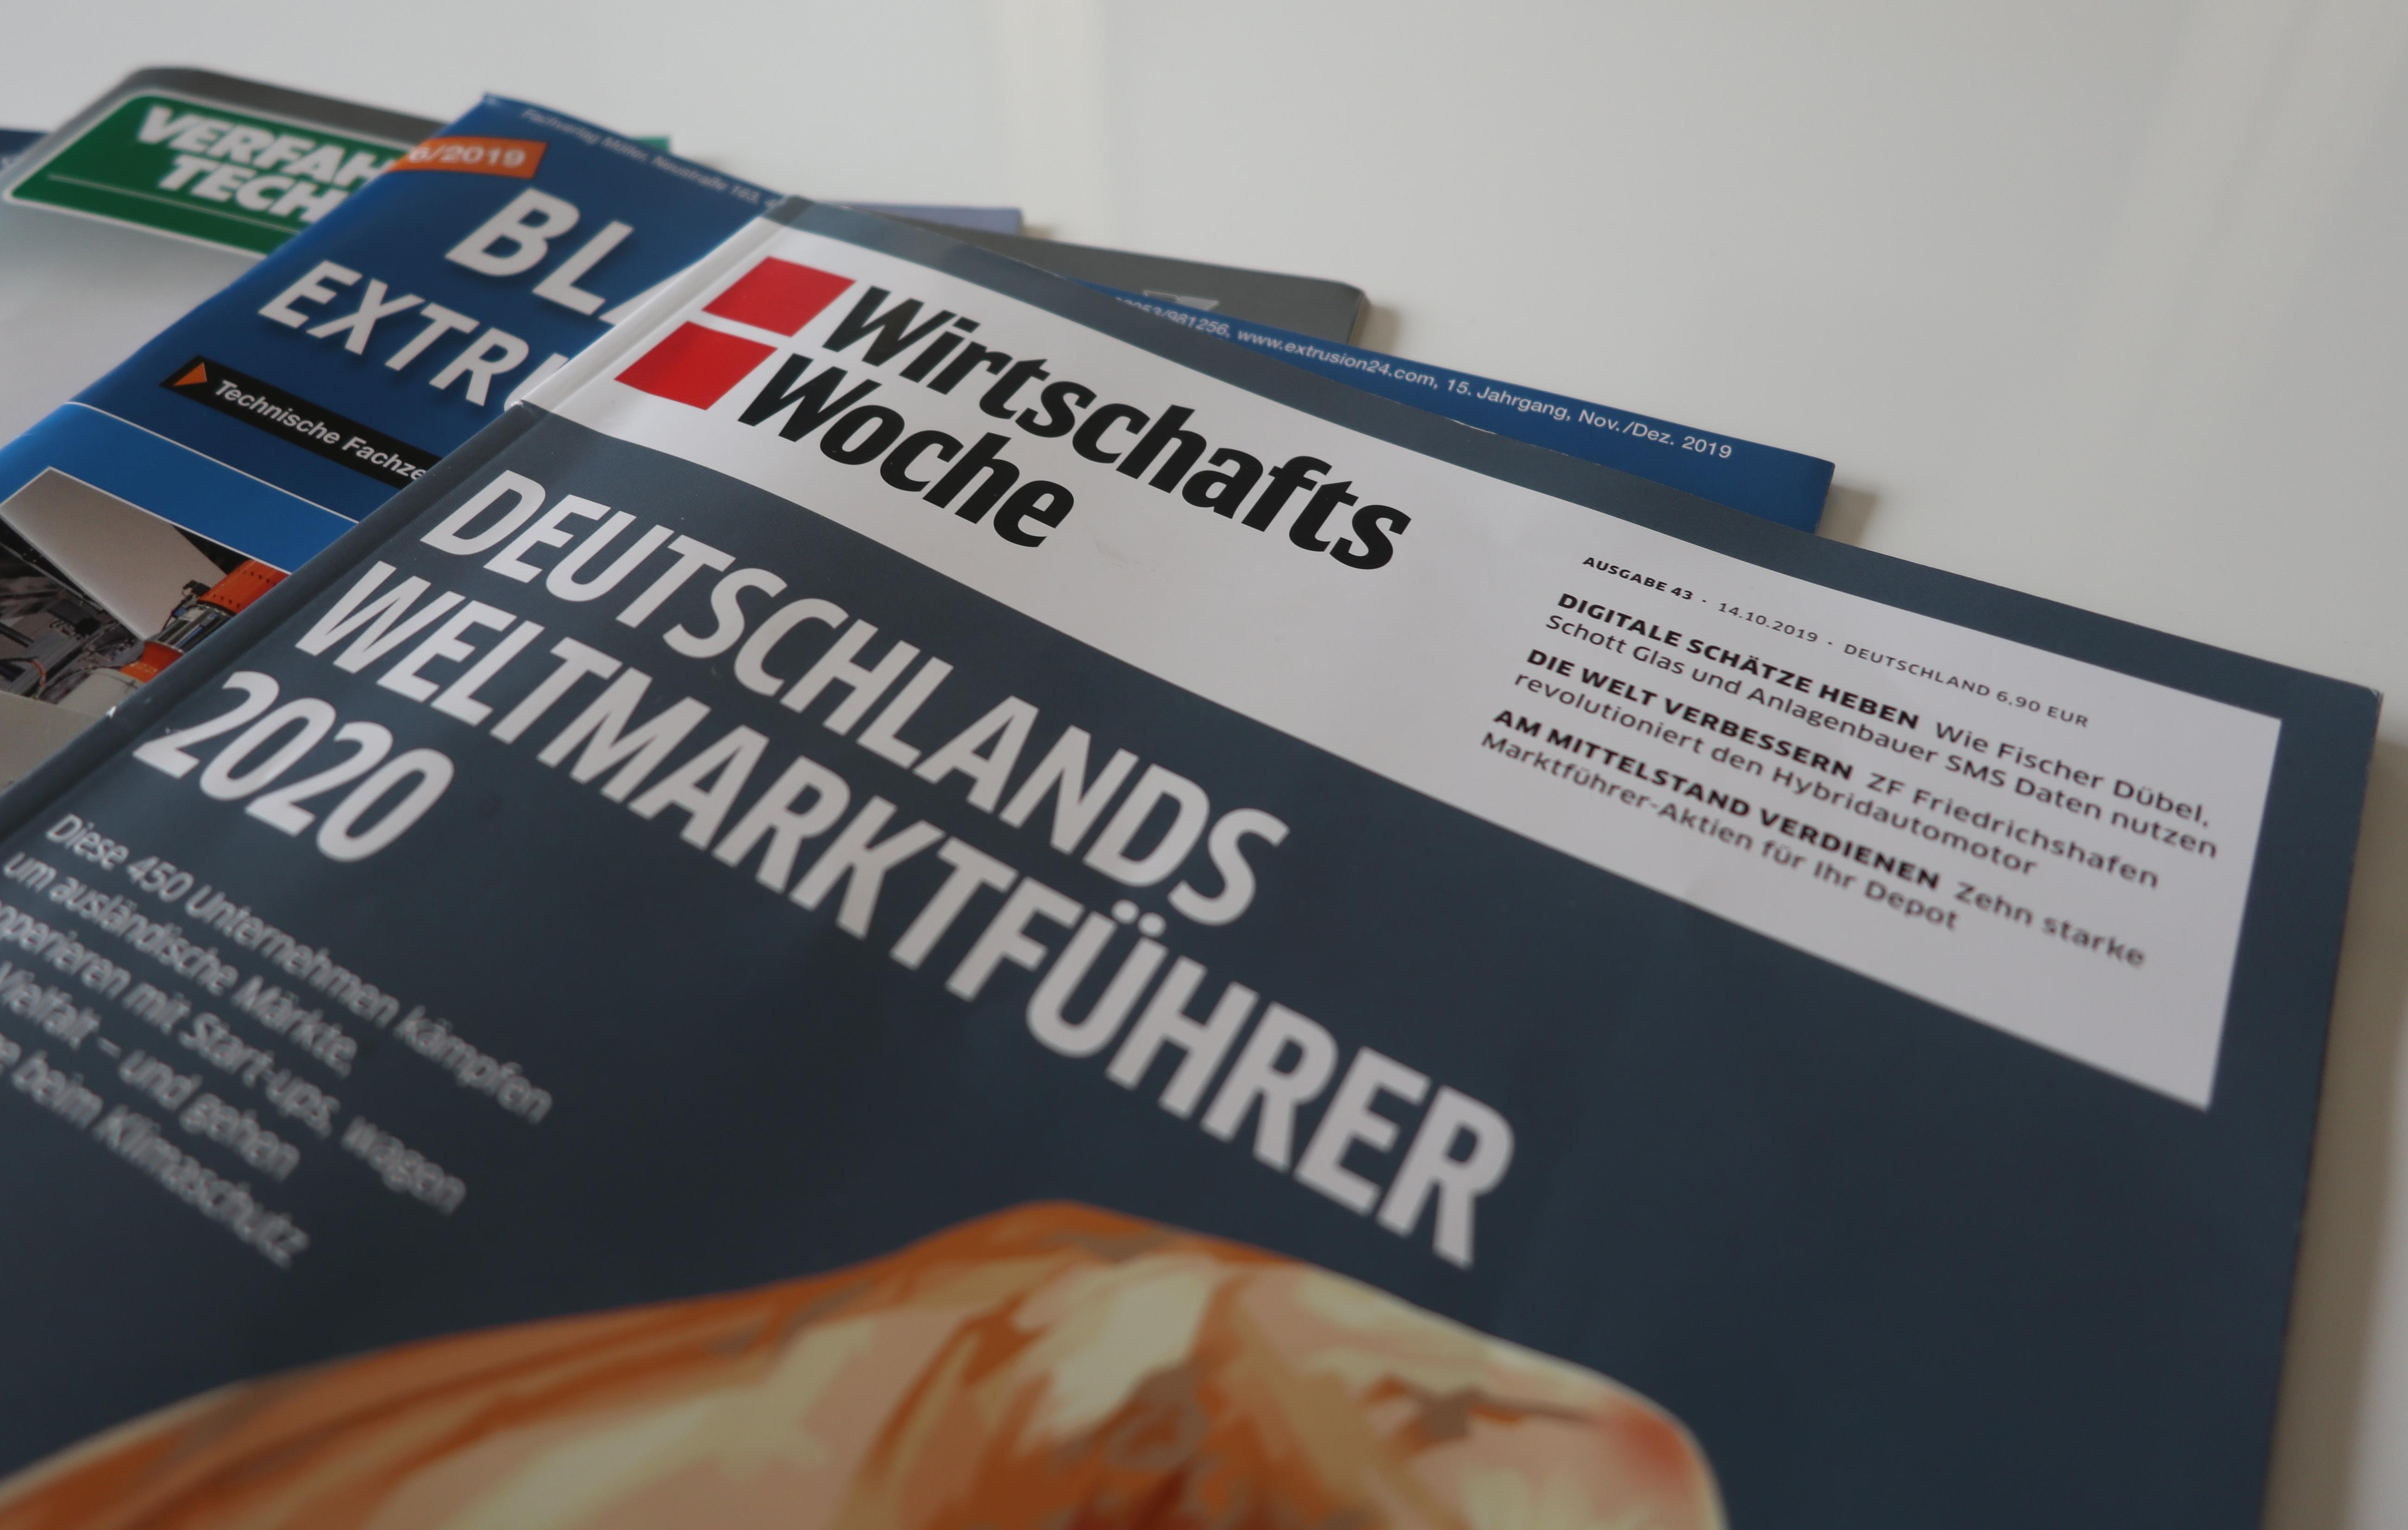 Busch Vacuum Solutions æret som verdensmarkedsleder 2020